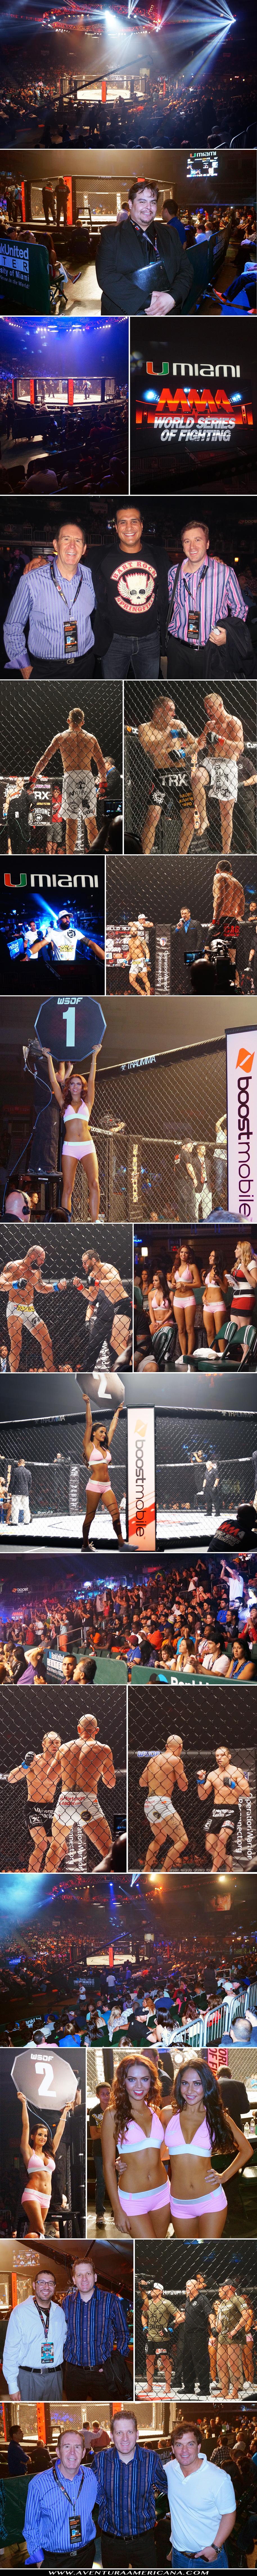 MMA_Miami